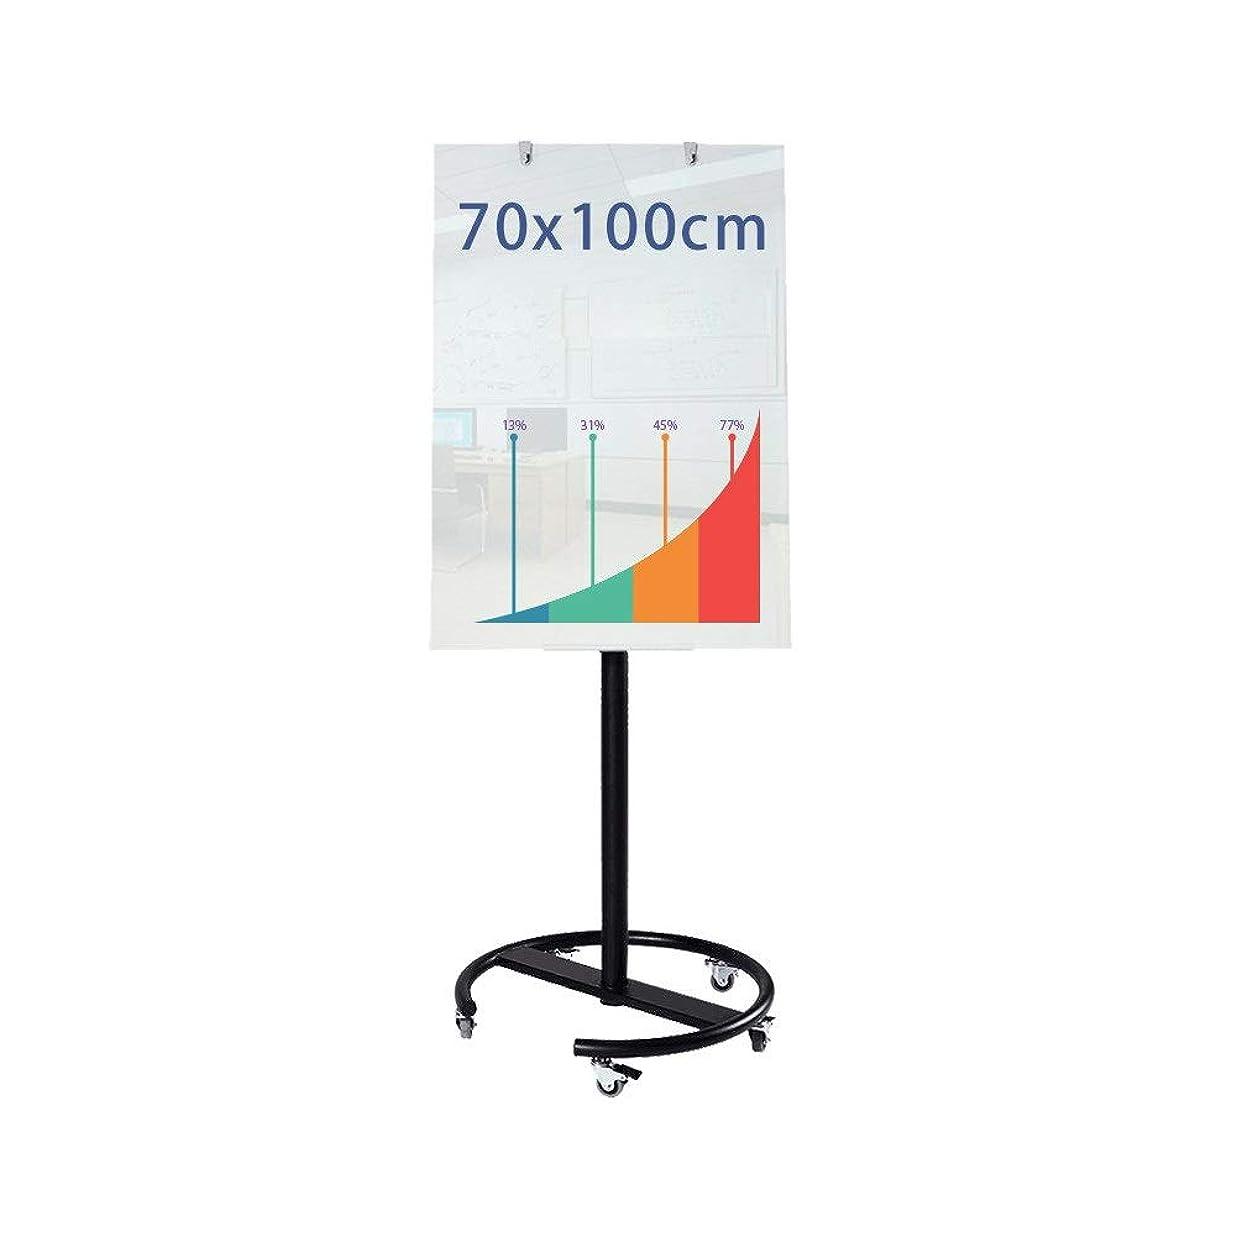 カーテン引退した学生ホワイトボード 角度調整可能なガラスホワイトボードユニバーサルホイール、ポータブル磁気モバイルデモボード オフィス用品 (Color : Black, Size : 70x100cm)